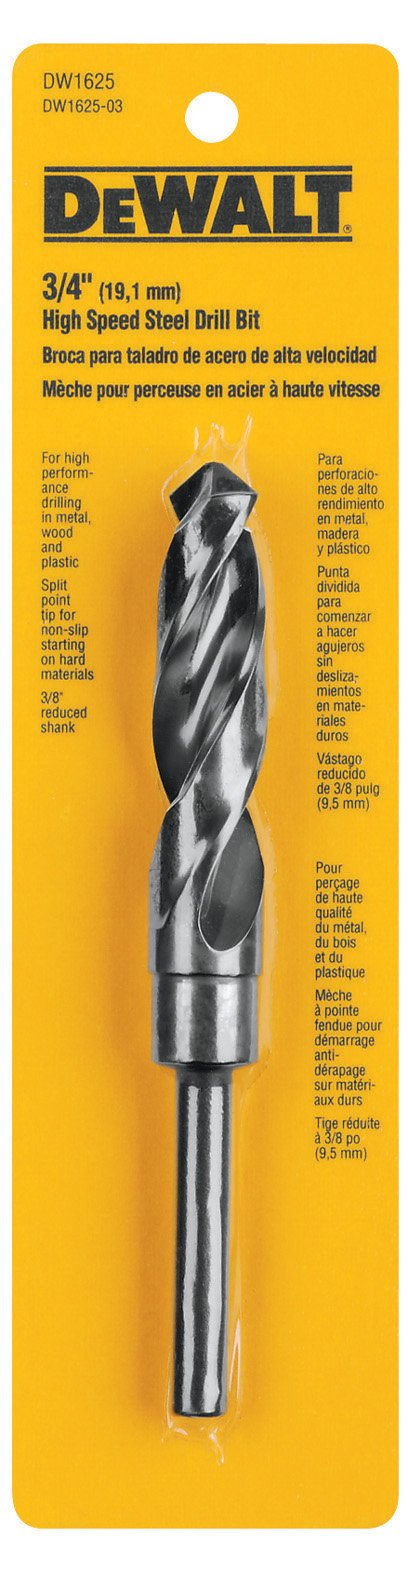 DEWALT DW1625 3/4-Inch Black Oxide 3/8-Inch Shank Reduced Shank Twist Drill Bit